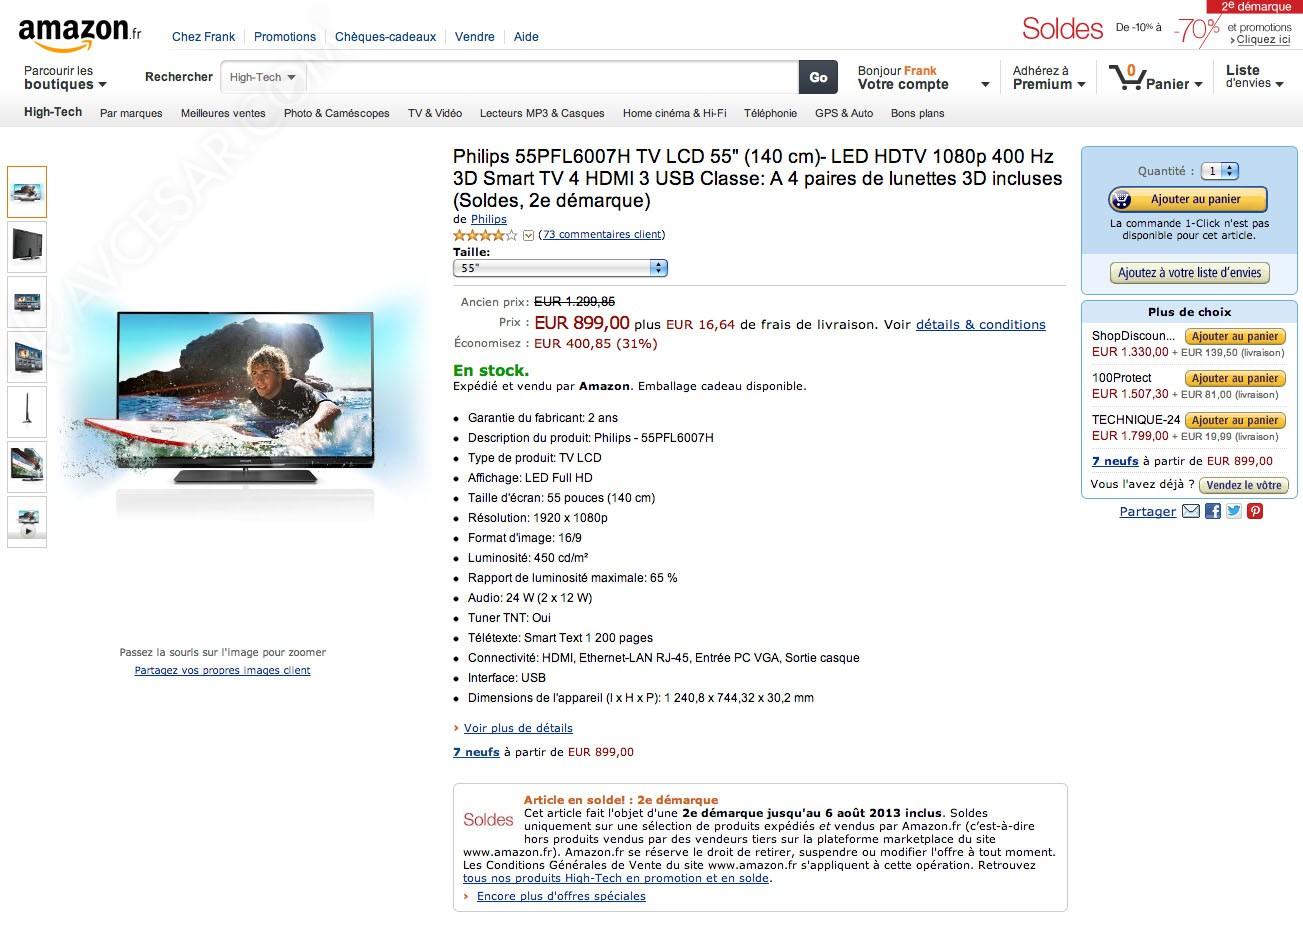 soldes amazon tv led 2e d marque 31 sur le philips 55pfl6007. Black Bedroom Furniture Sets. Home Design Ideas